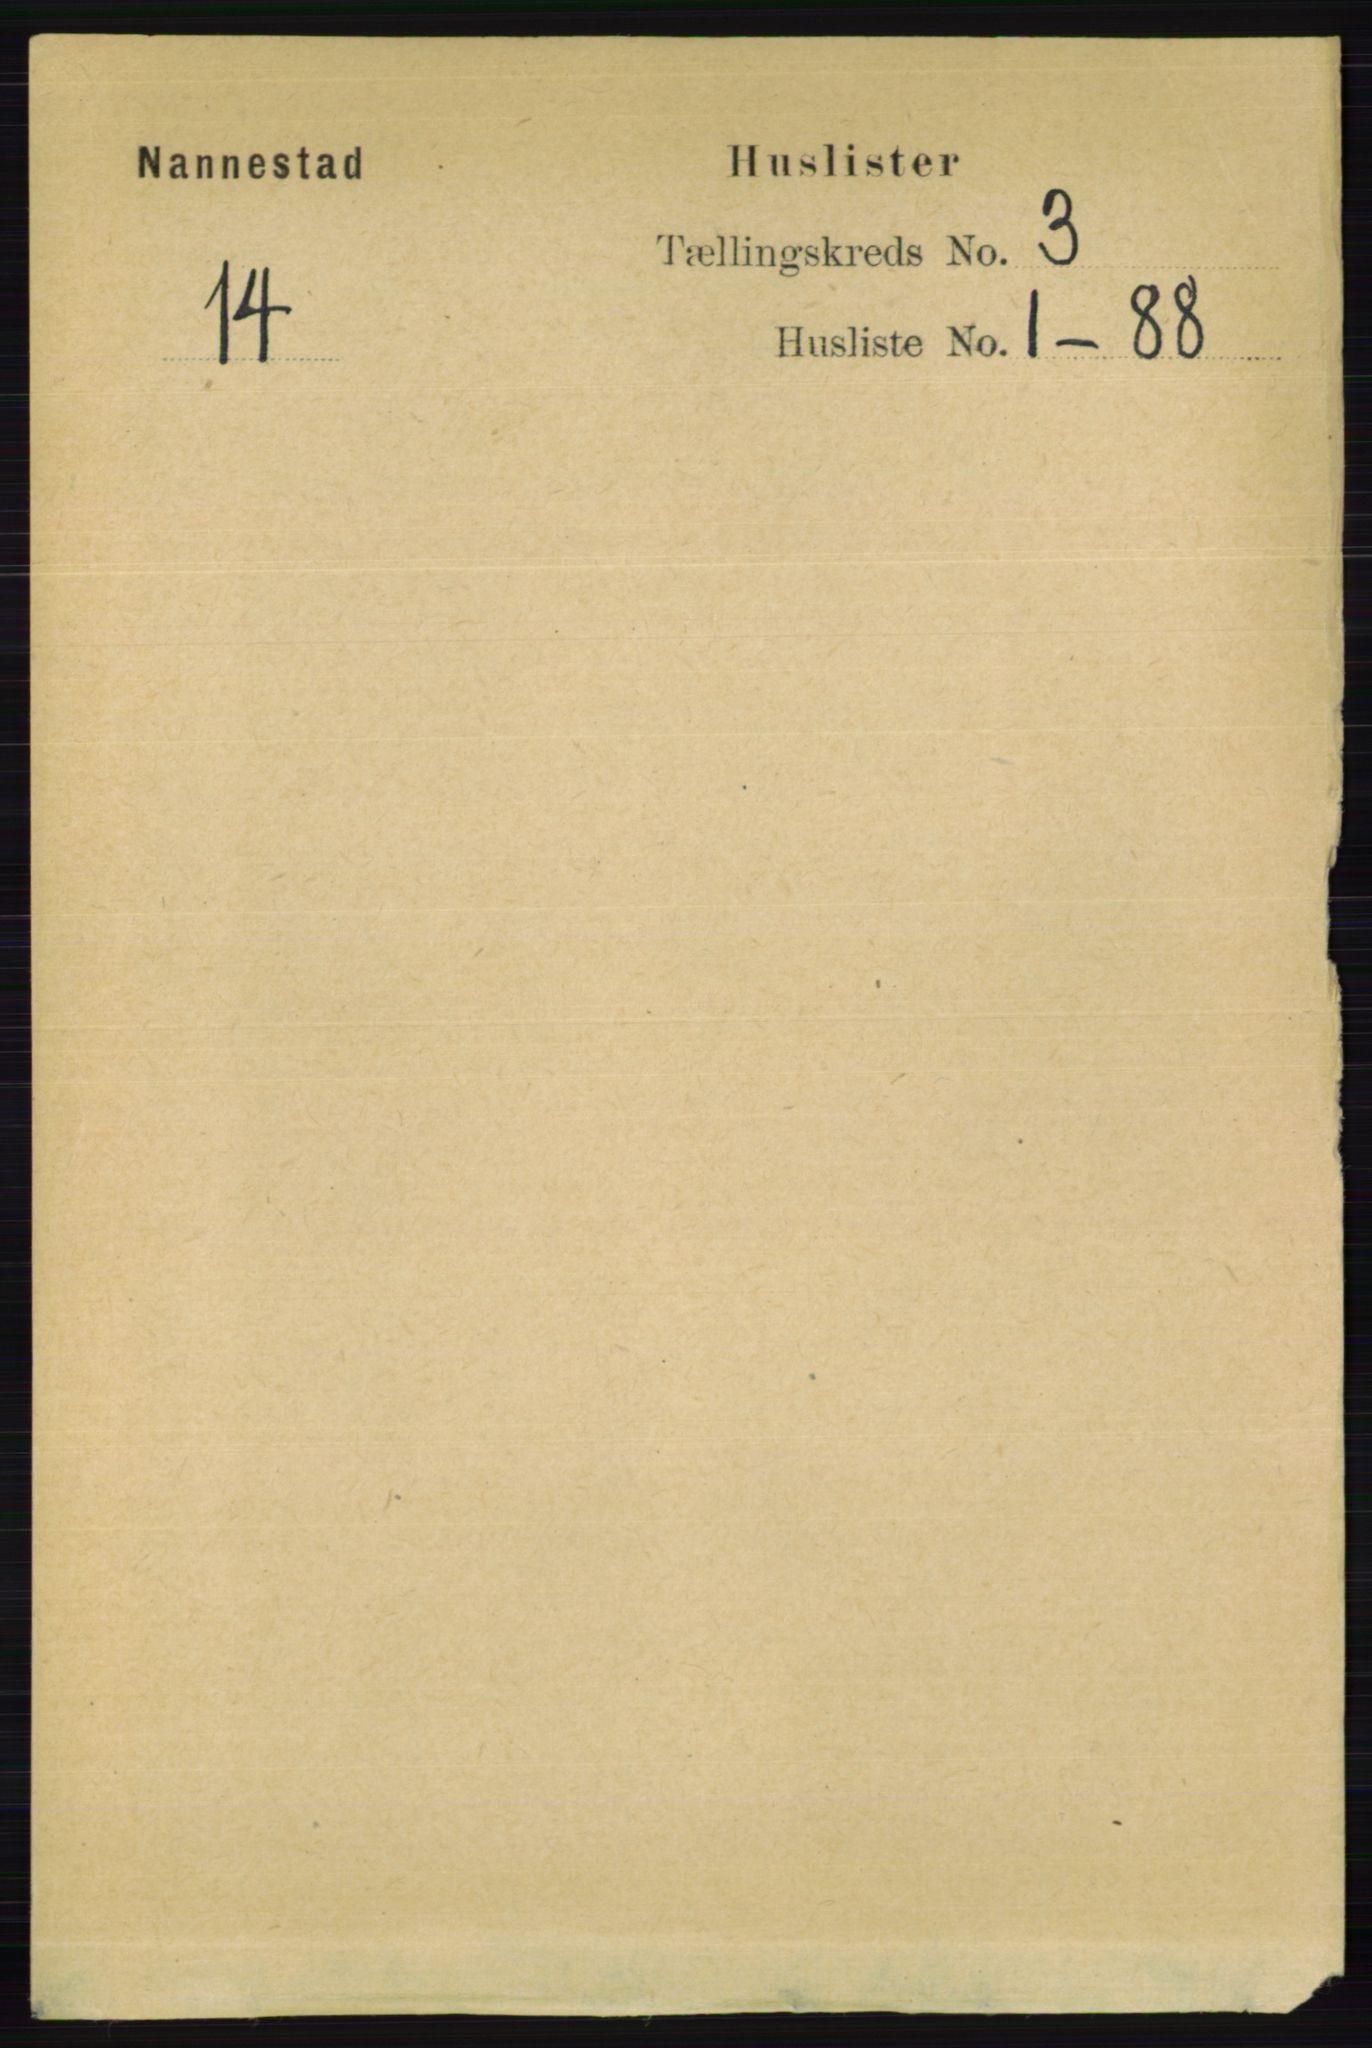 RA, Folketelling 1891 for 0238 Nannestad herred, 1891, s. 1374